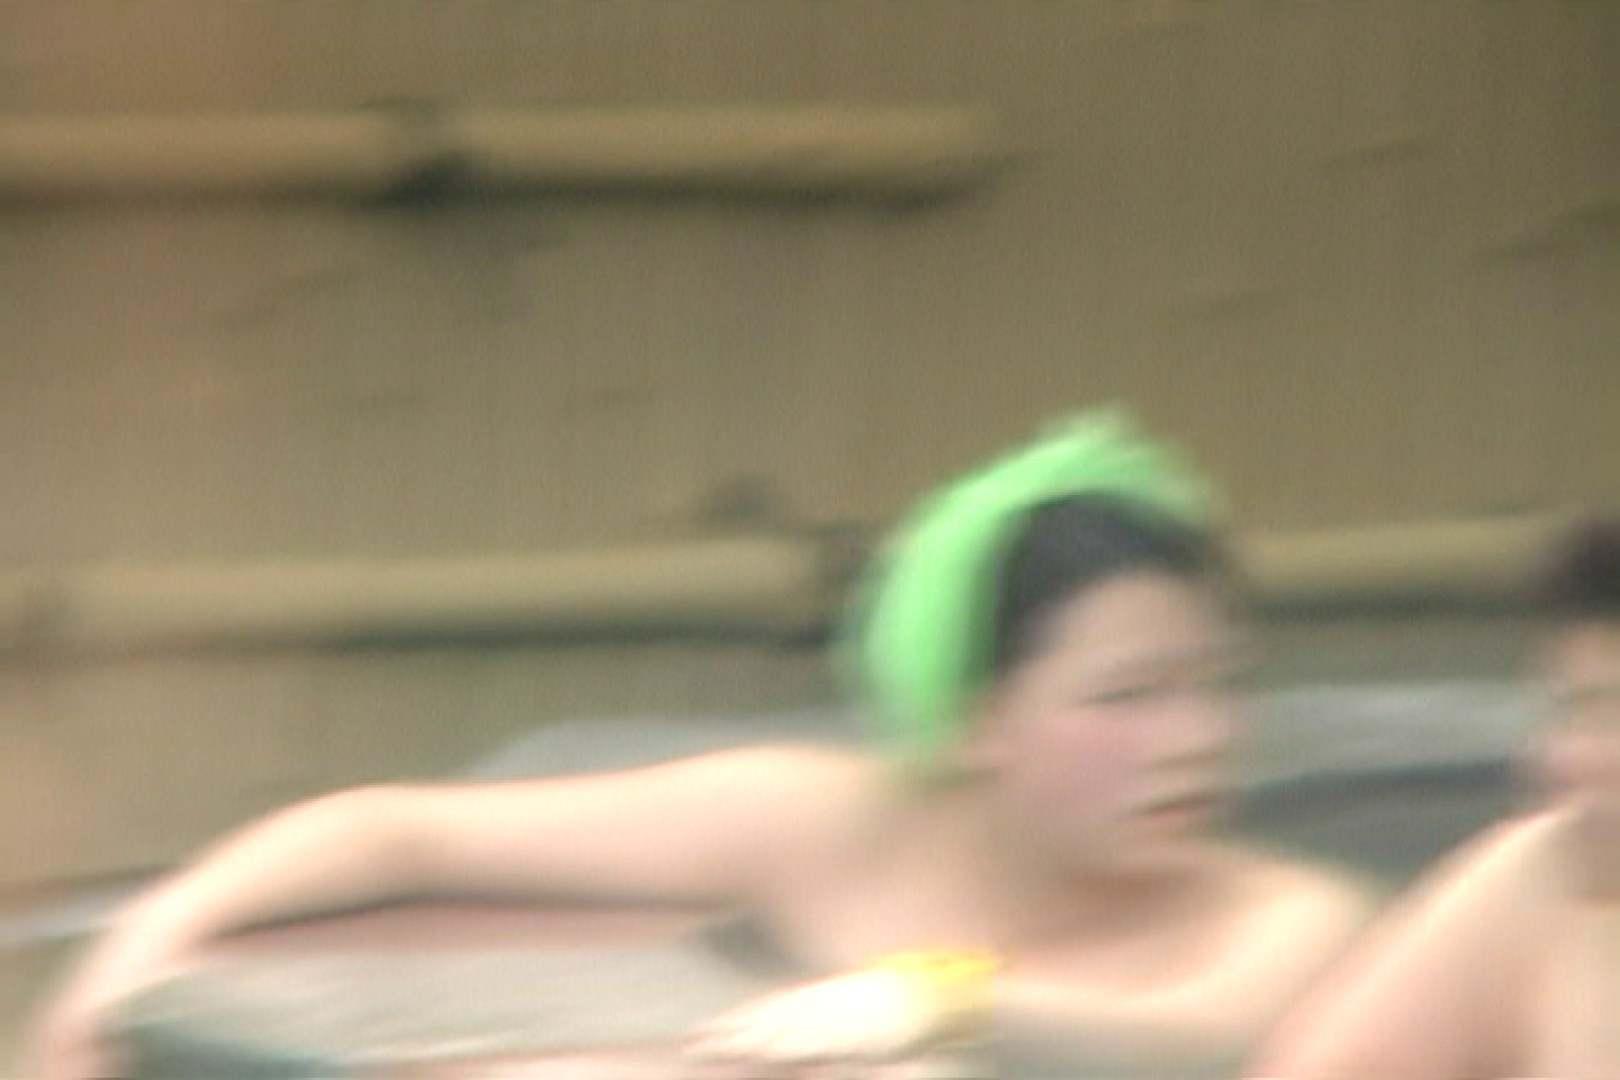 Aquaな露天風呂Vol.563 露天   OLエロ画像  96PICs 31